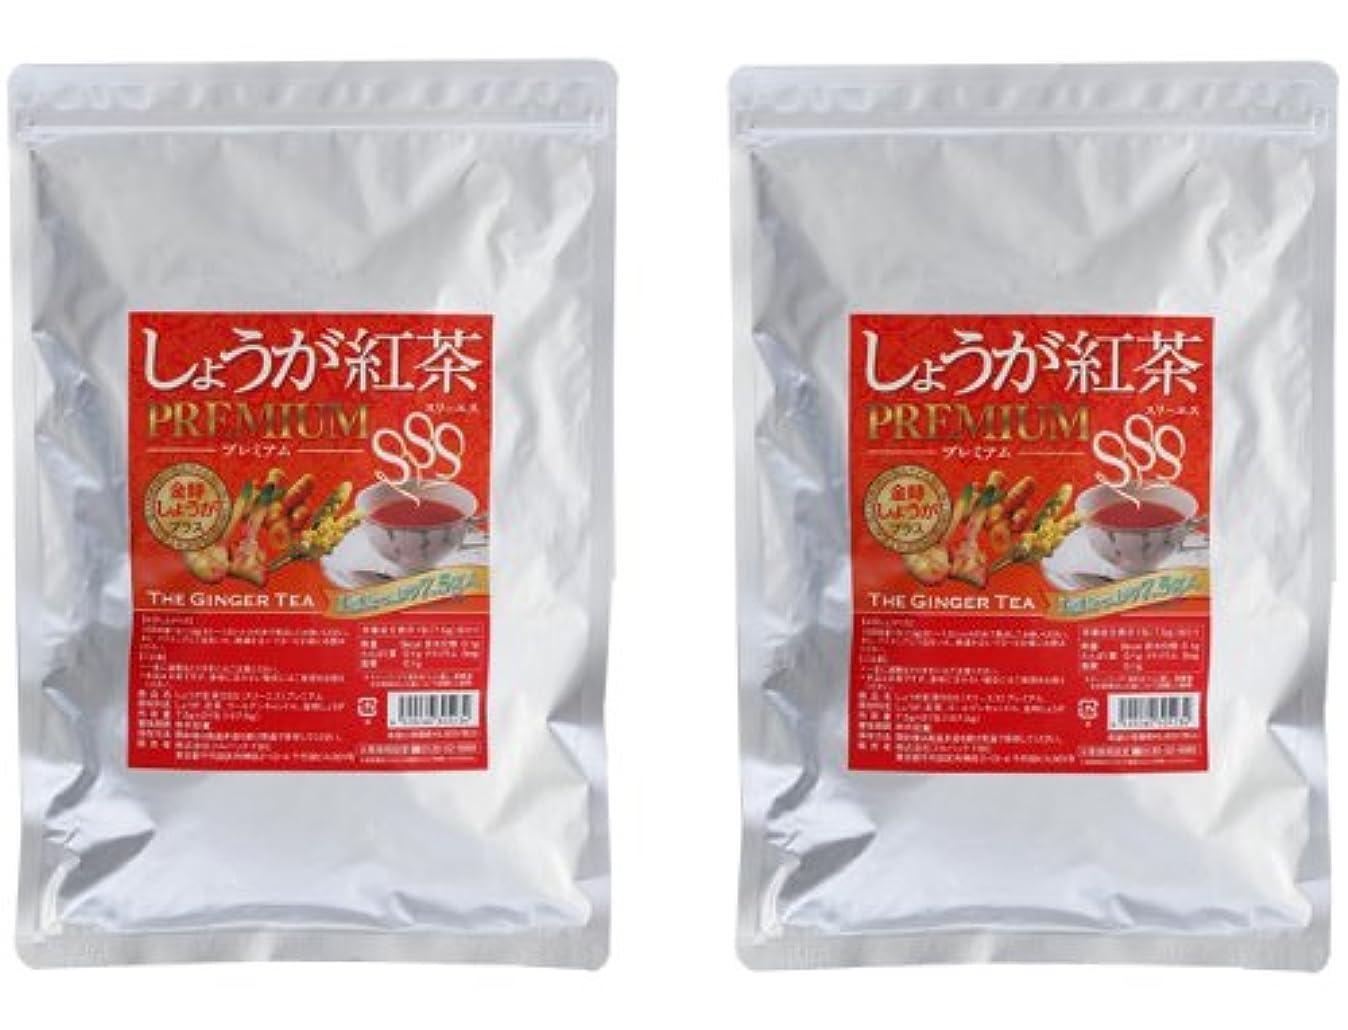 人形ウイルスプレフィックスしょうが紅茶プレミアムSSS 2個セット(金時生姜紅茶ダイエットティー)